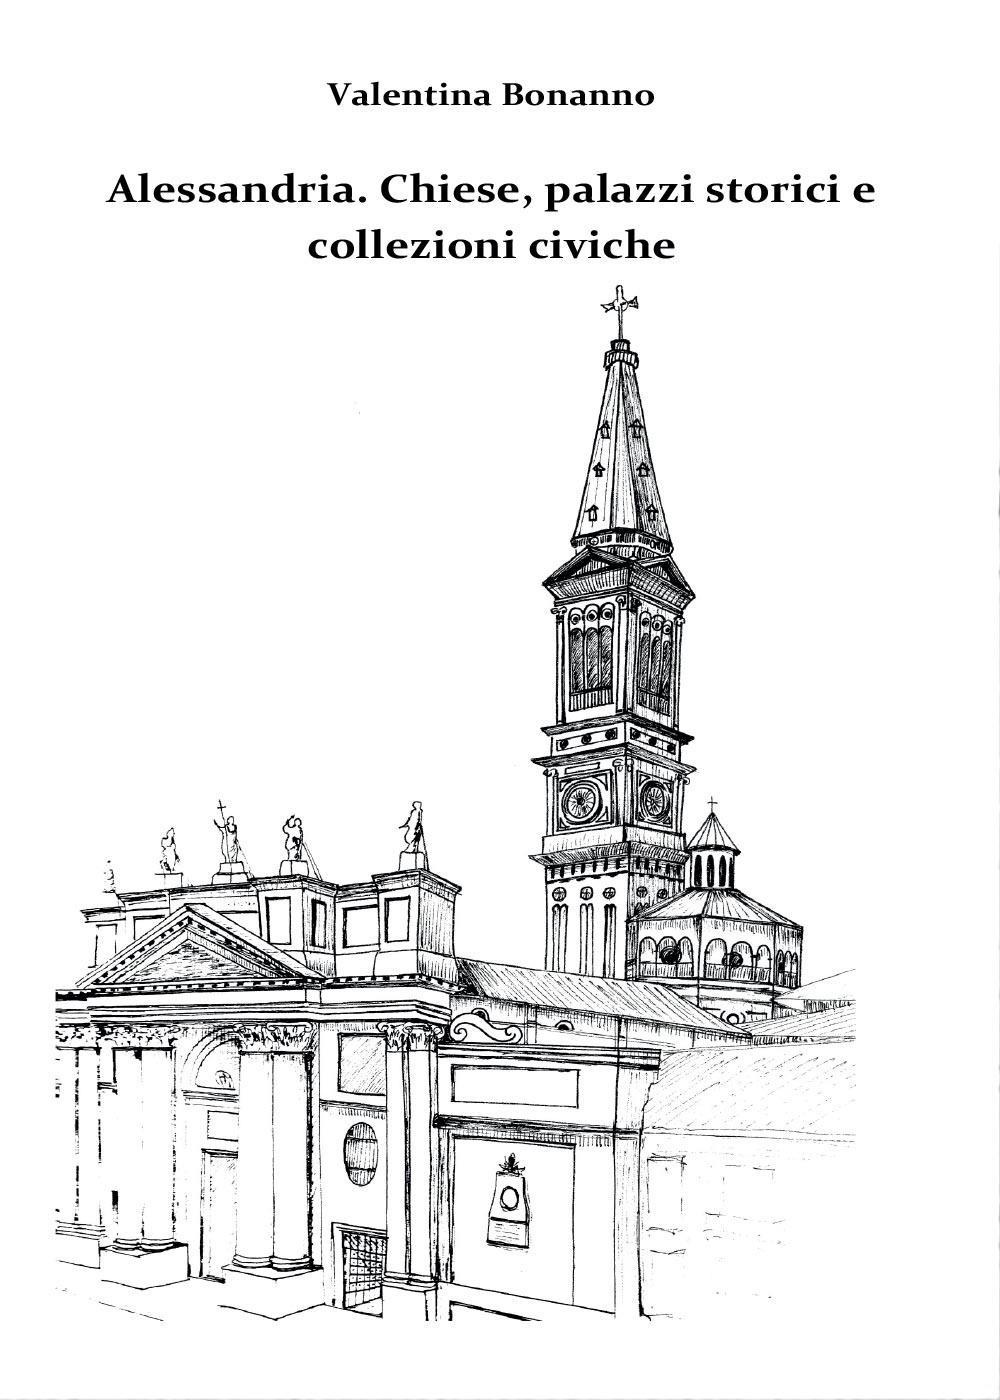 Alessandria. Chiese, palazzi storici e collezioni civiche